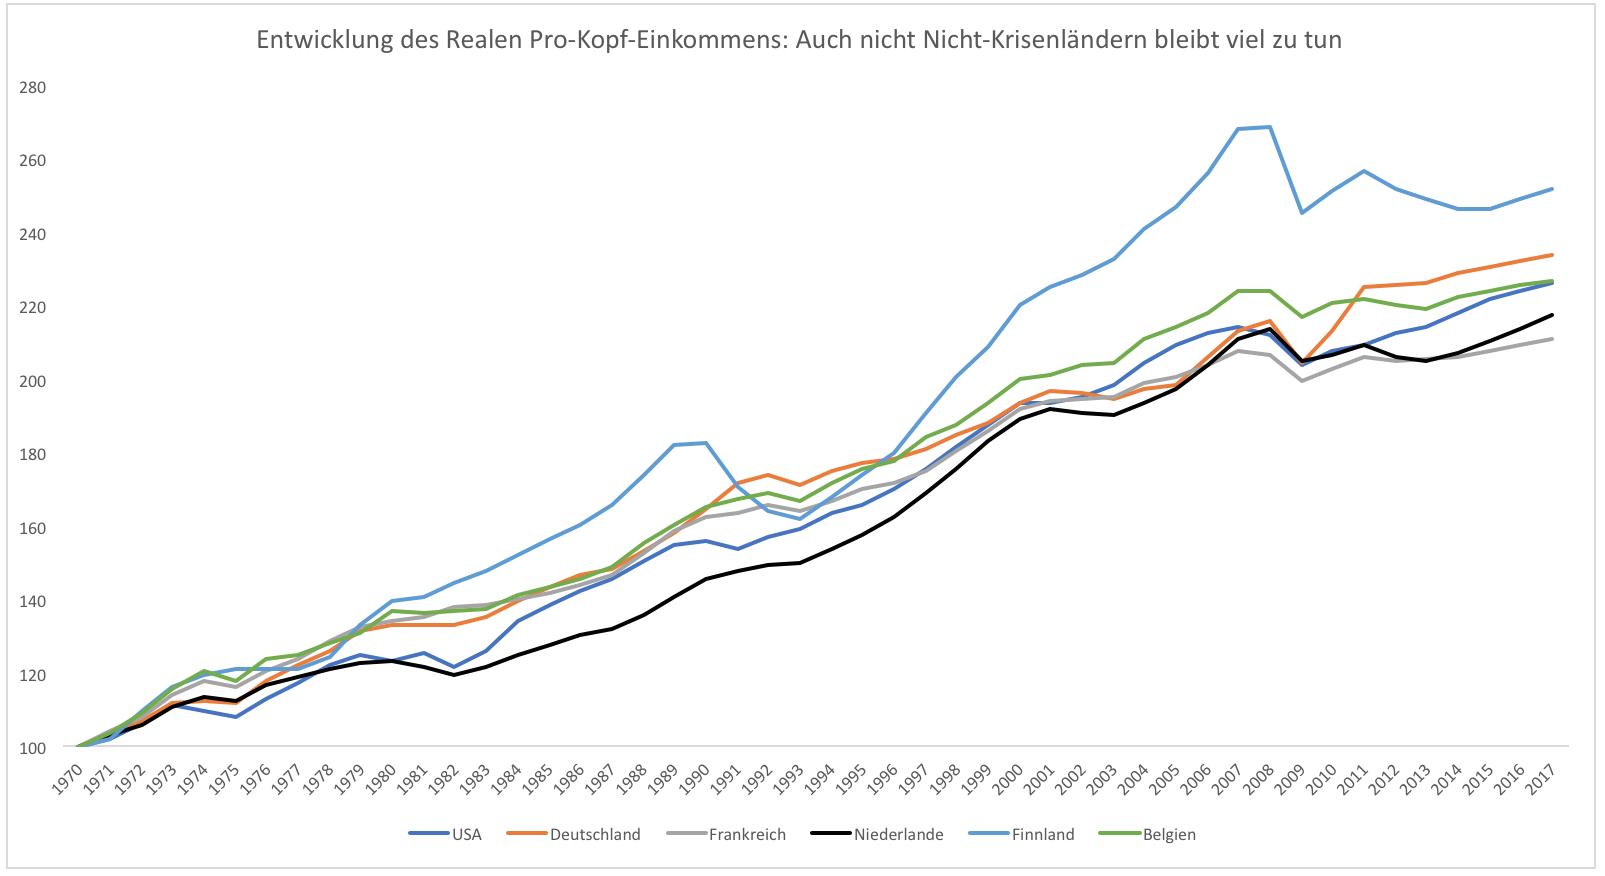 Bombenstimmung-aber-es-bleibt-viel-zu-tun-Kommentar-Clemens-Schmale-GodmodeTrader.de-1